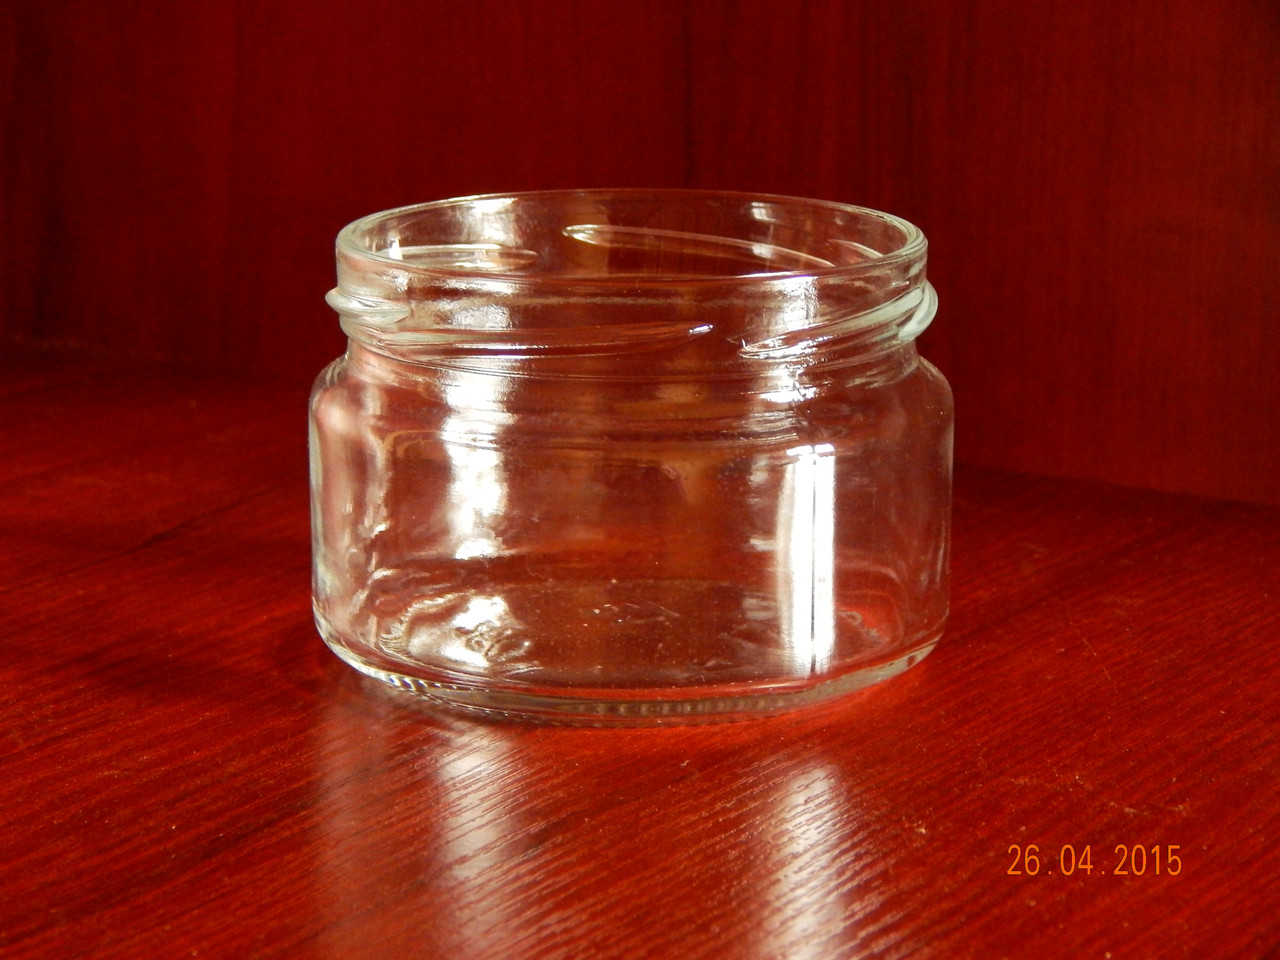 Банка стеклянная 250 мл с горловиной твист 82 мм (15 штук в упаковке)